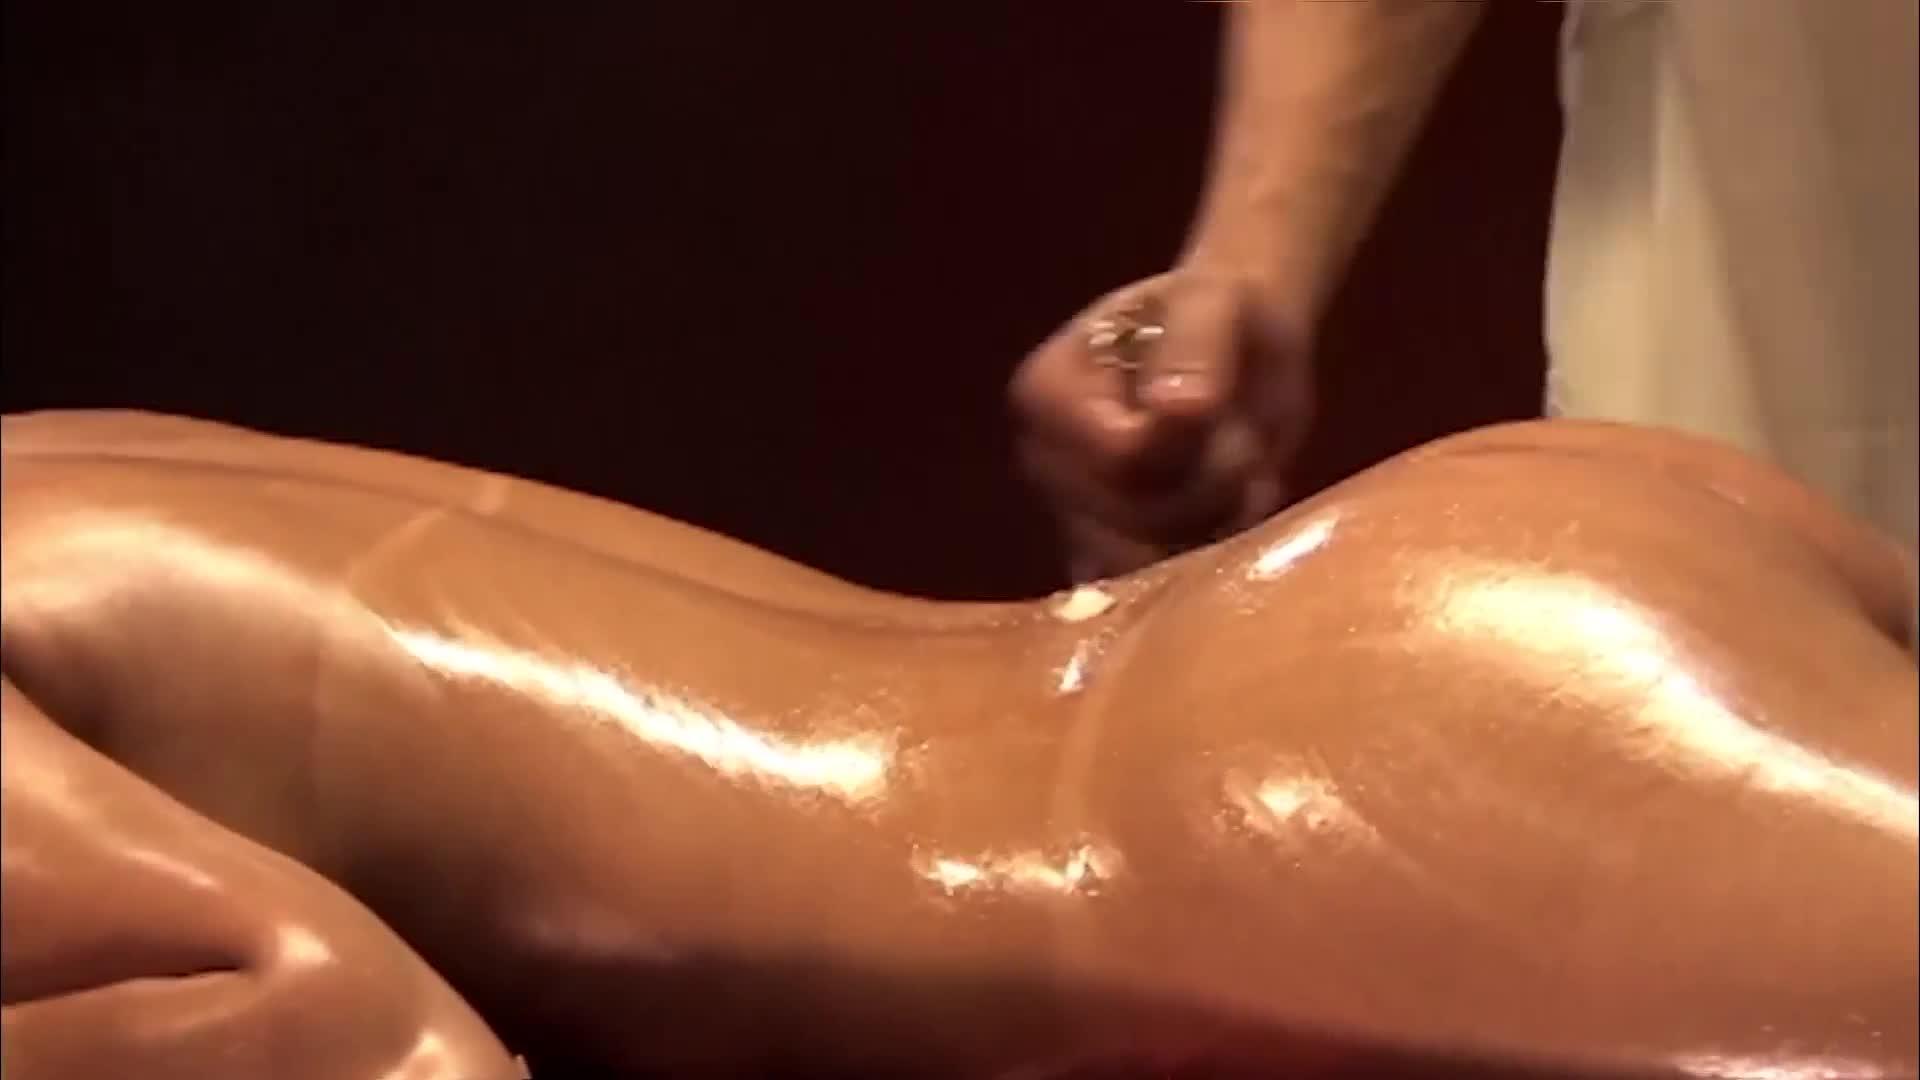 Aula 5 - Como um homem deve massagear uma mulher